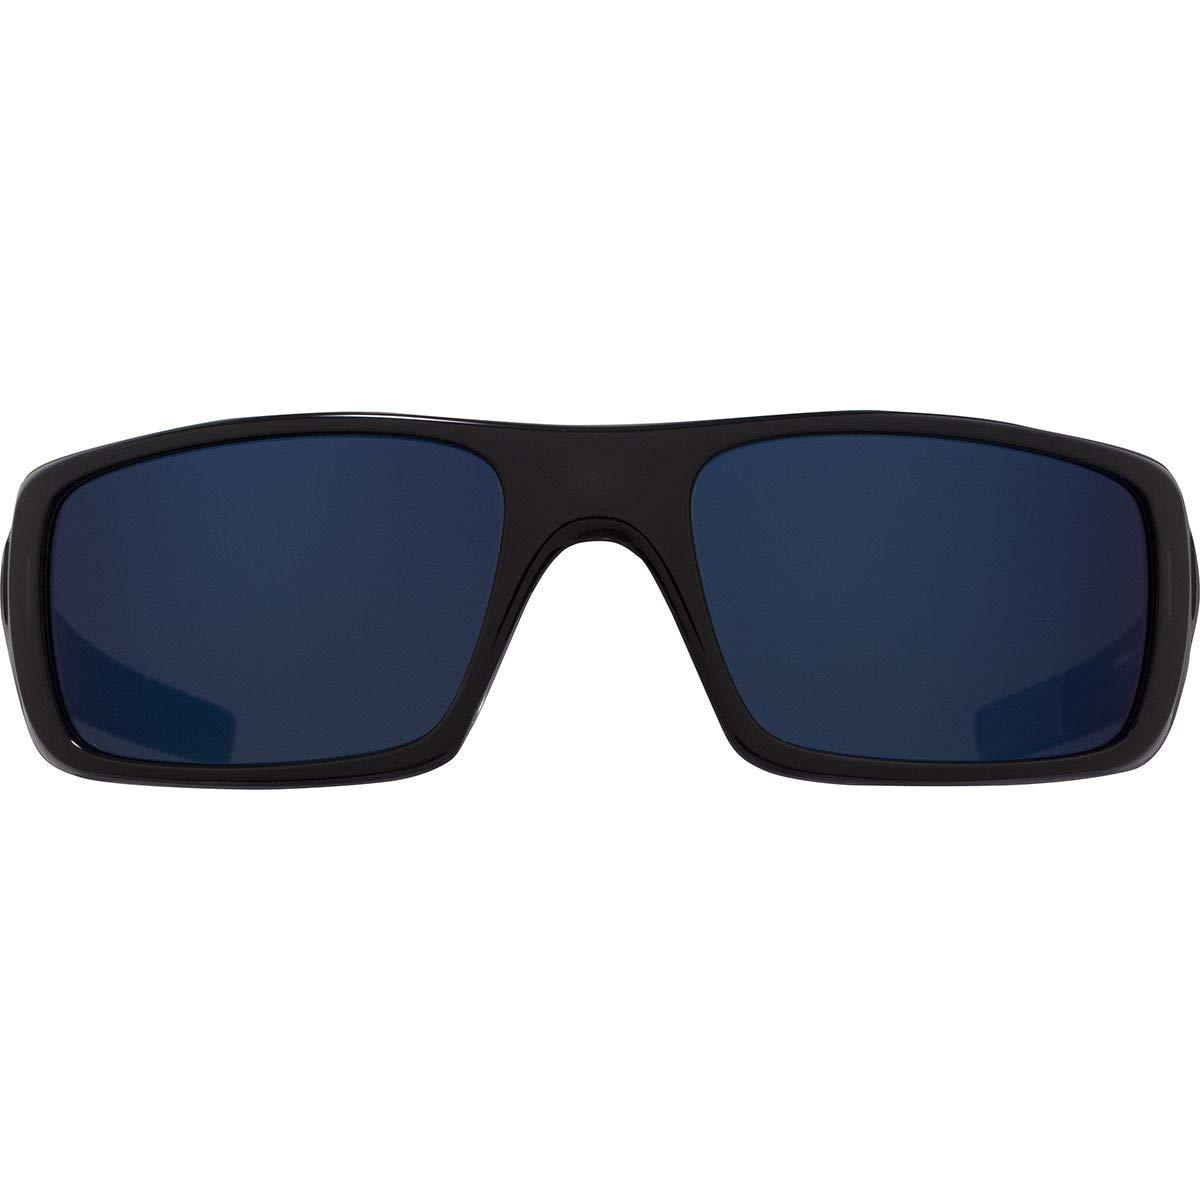 Amazon.com: Oakley anteojos de sol Para Hombre De Cigüeñal ...